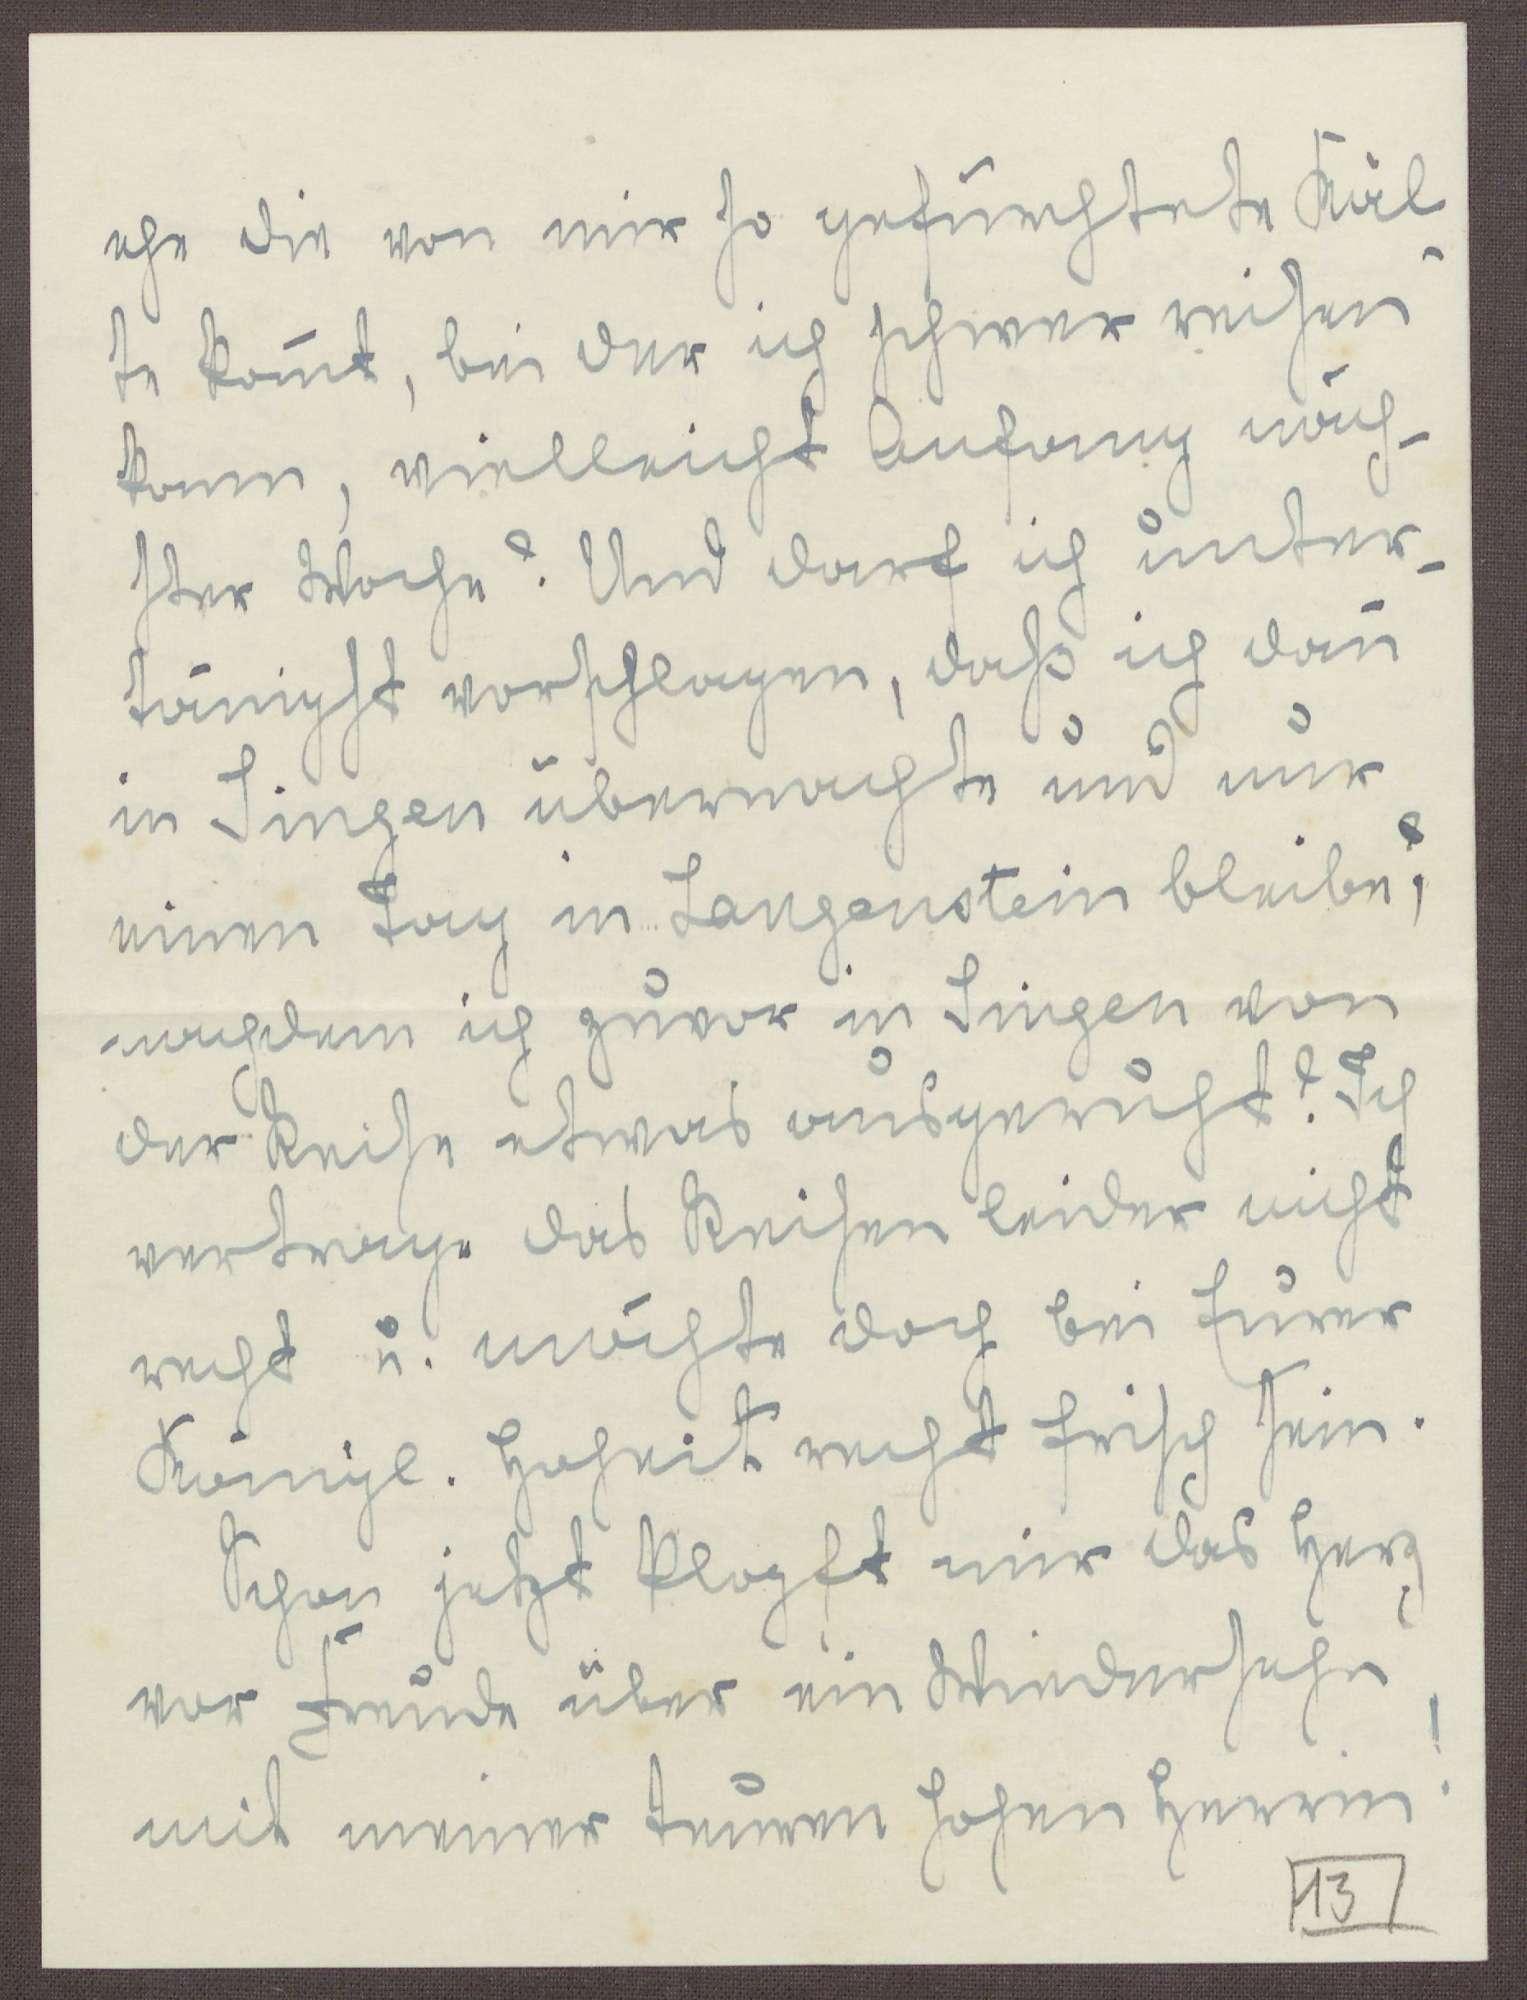 Schreiben von Emilie Göler an die Großherzogin Luise; Planung eines Besuchs der Großherzogin in Langenstein; Rückkehr der Hälfe der Kinder, Bild 3